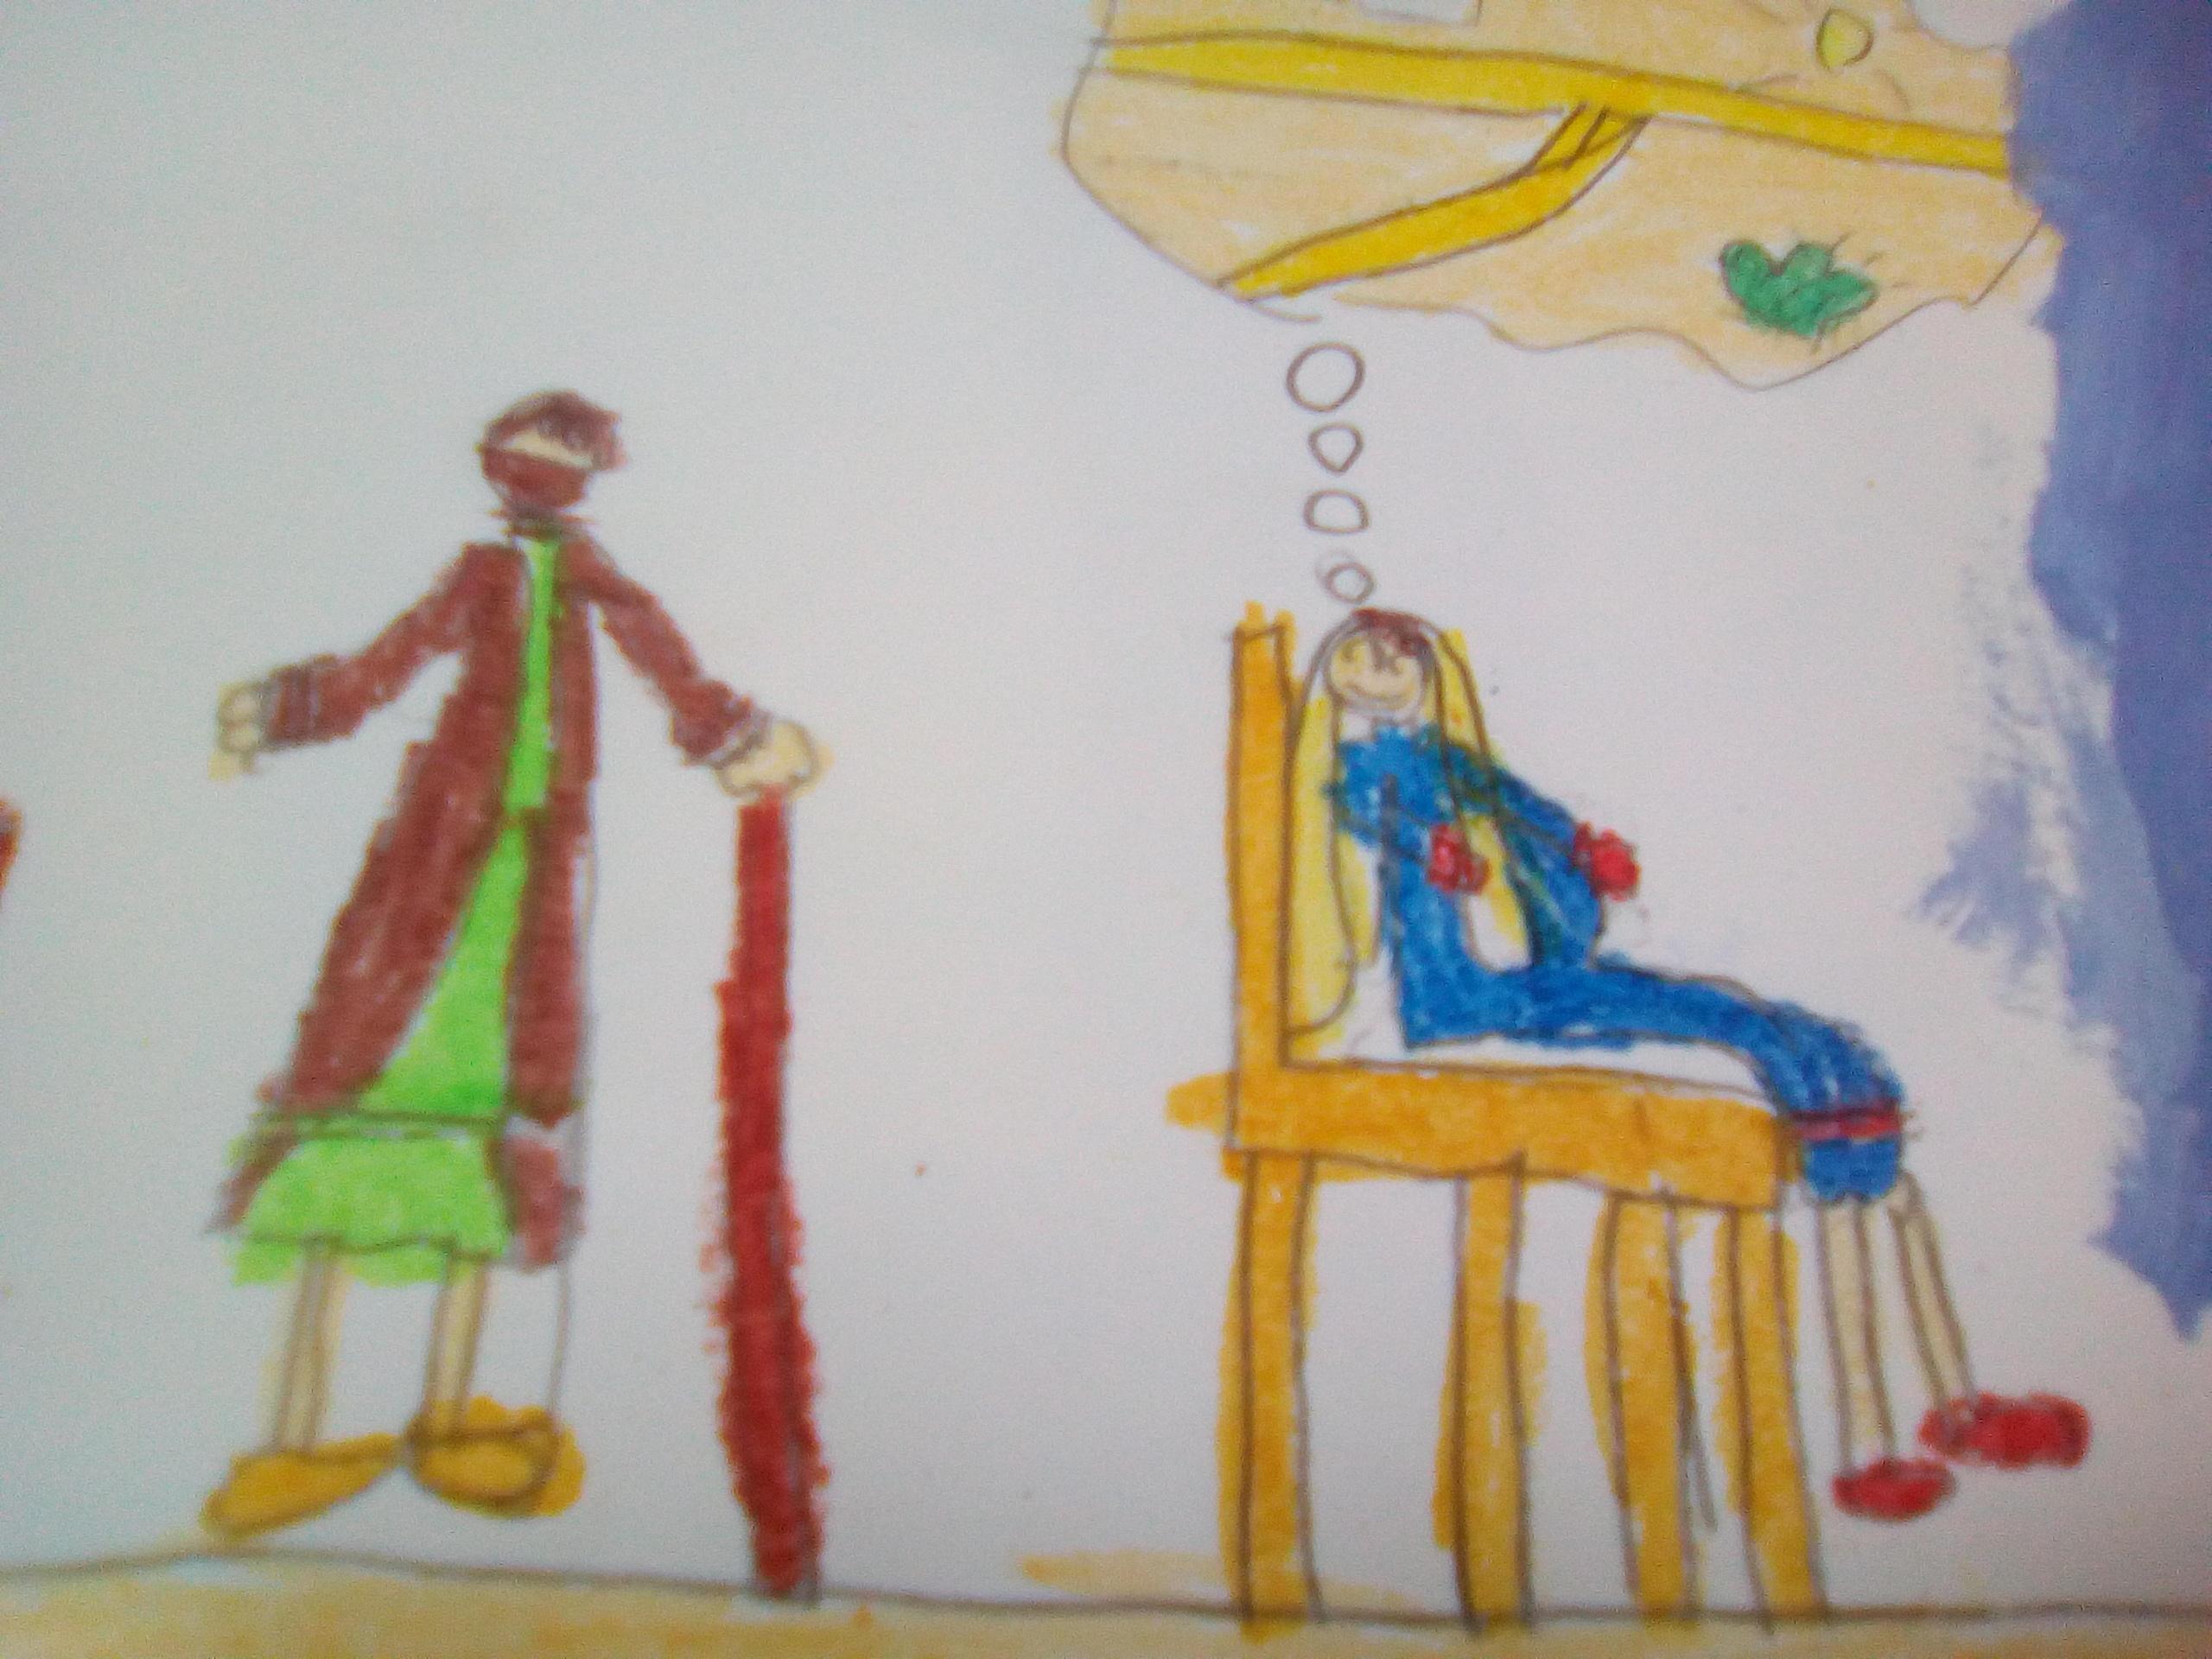 Matrimonio Catolico Dibujo : Taller de arte para niños dibujo y pintura u2013 san bartolomé y san jaime